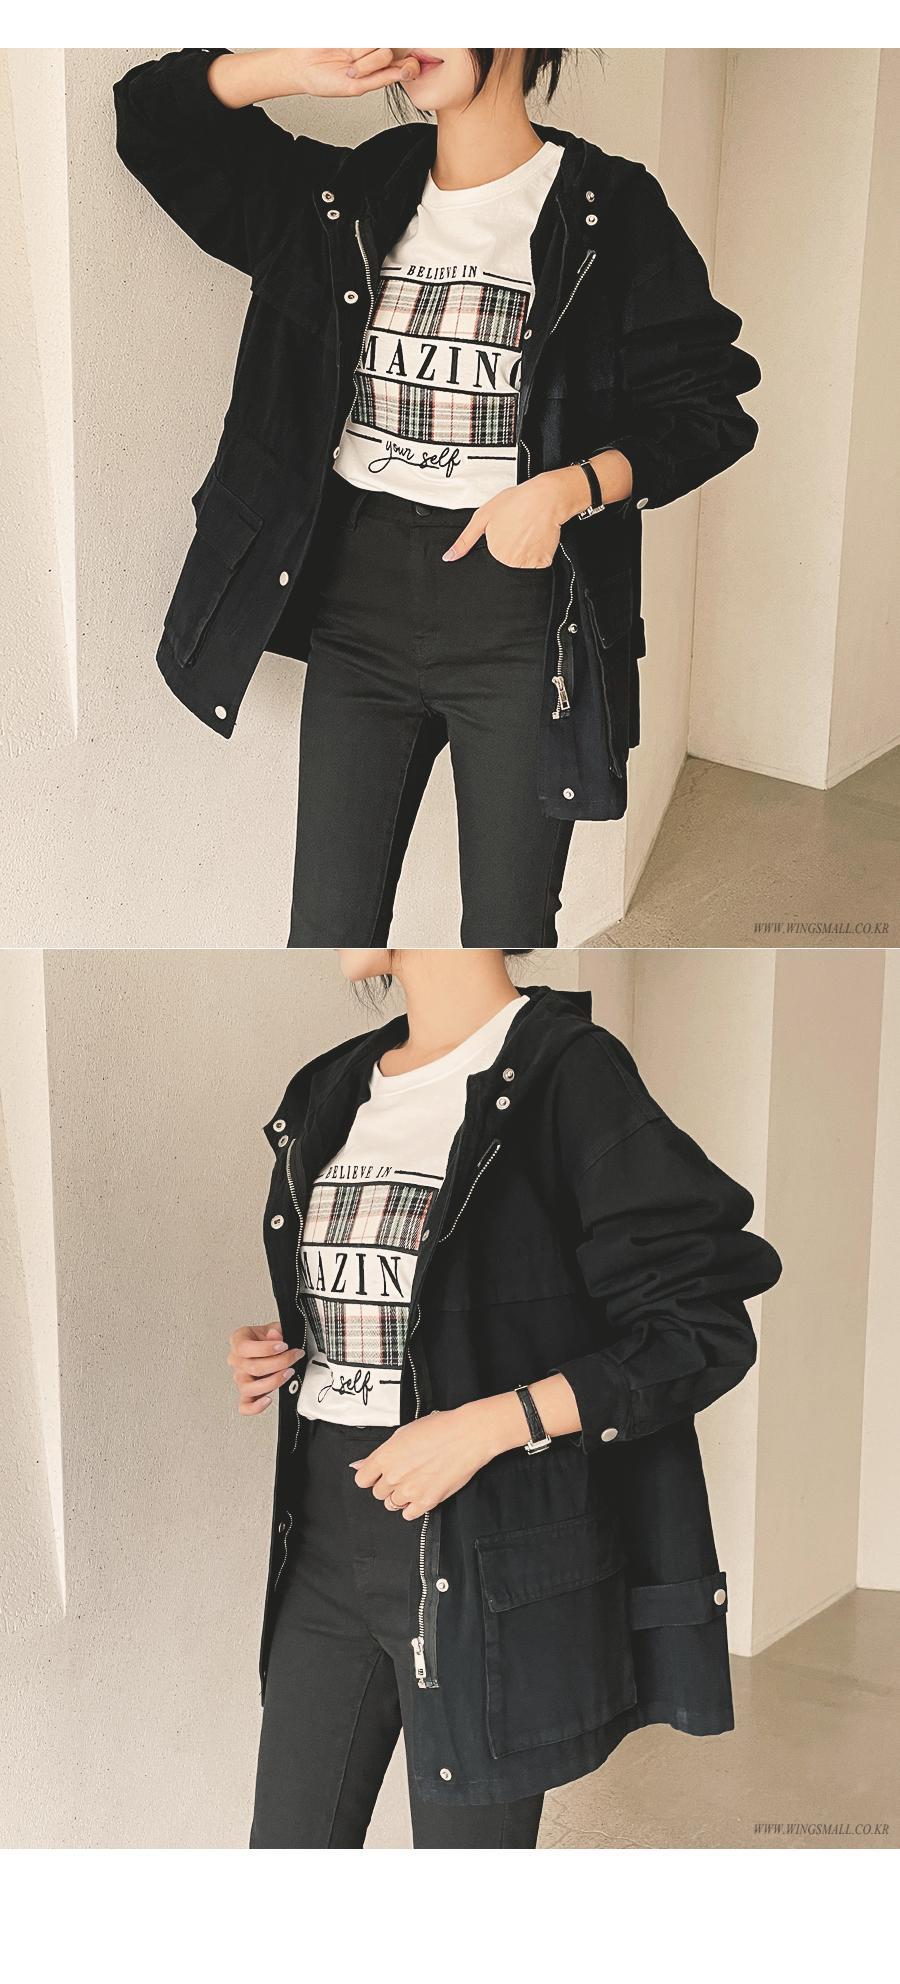 jacket model image-S5L18